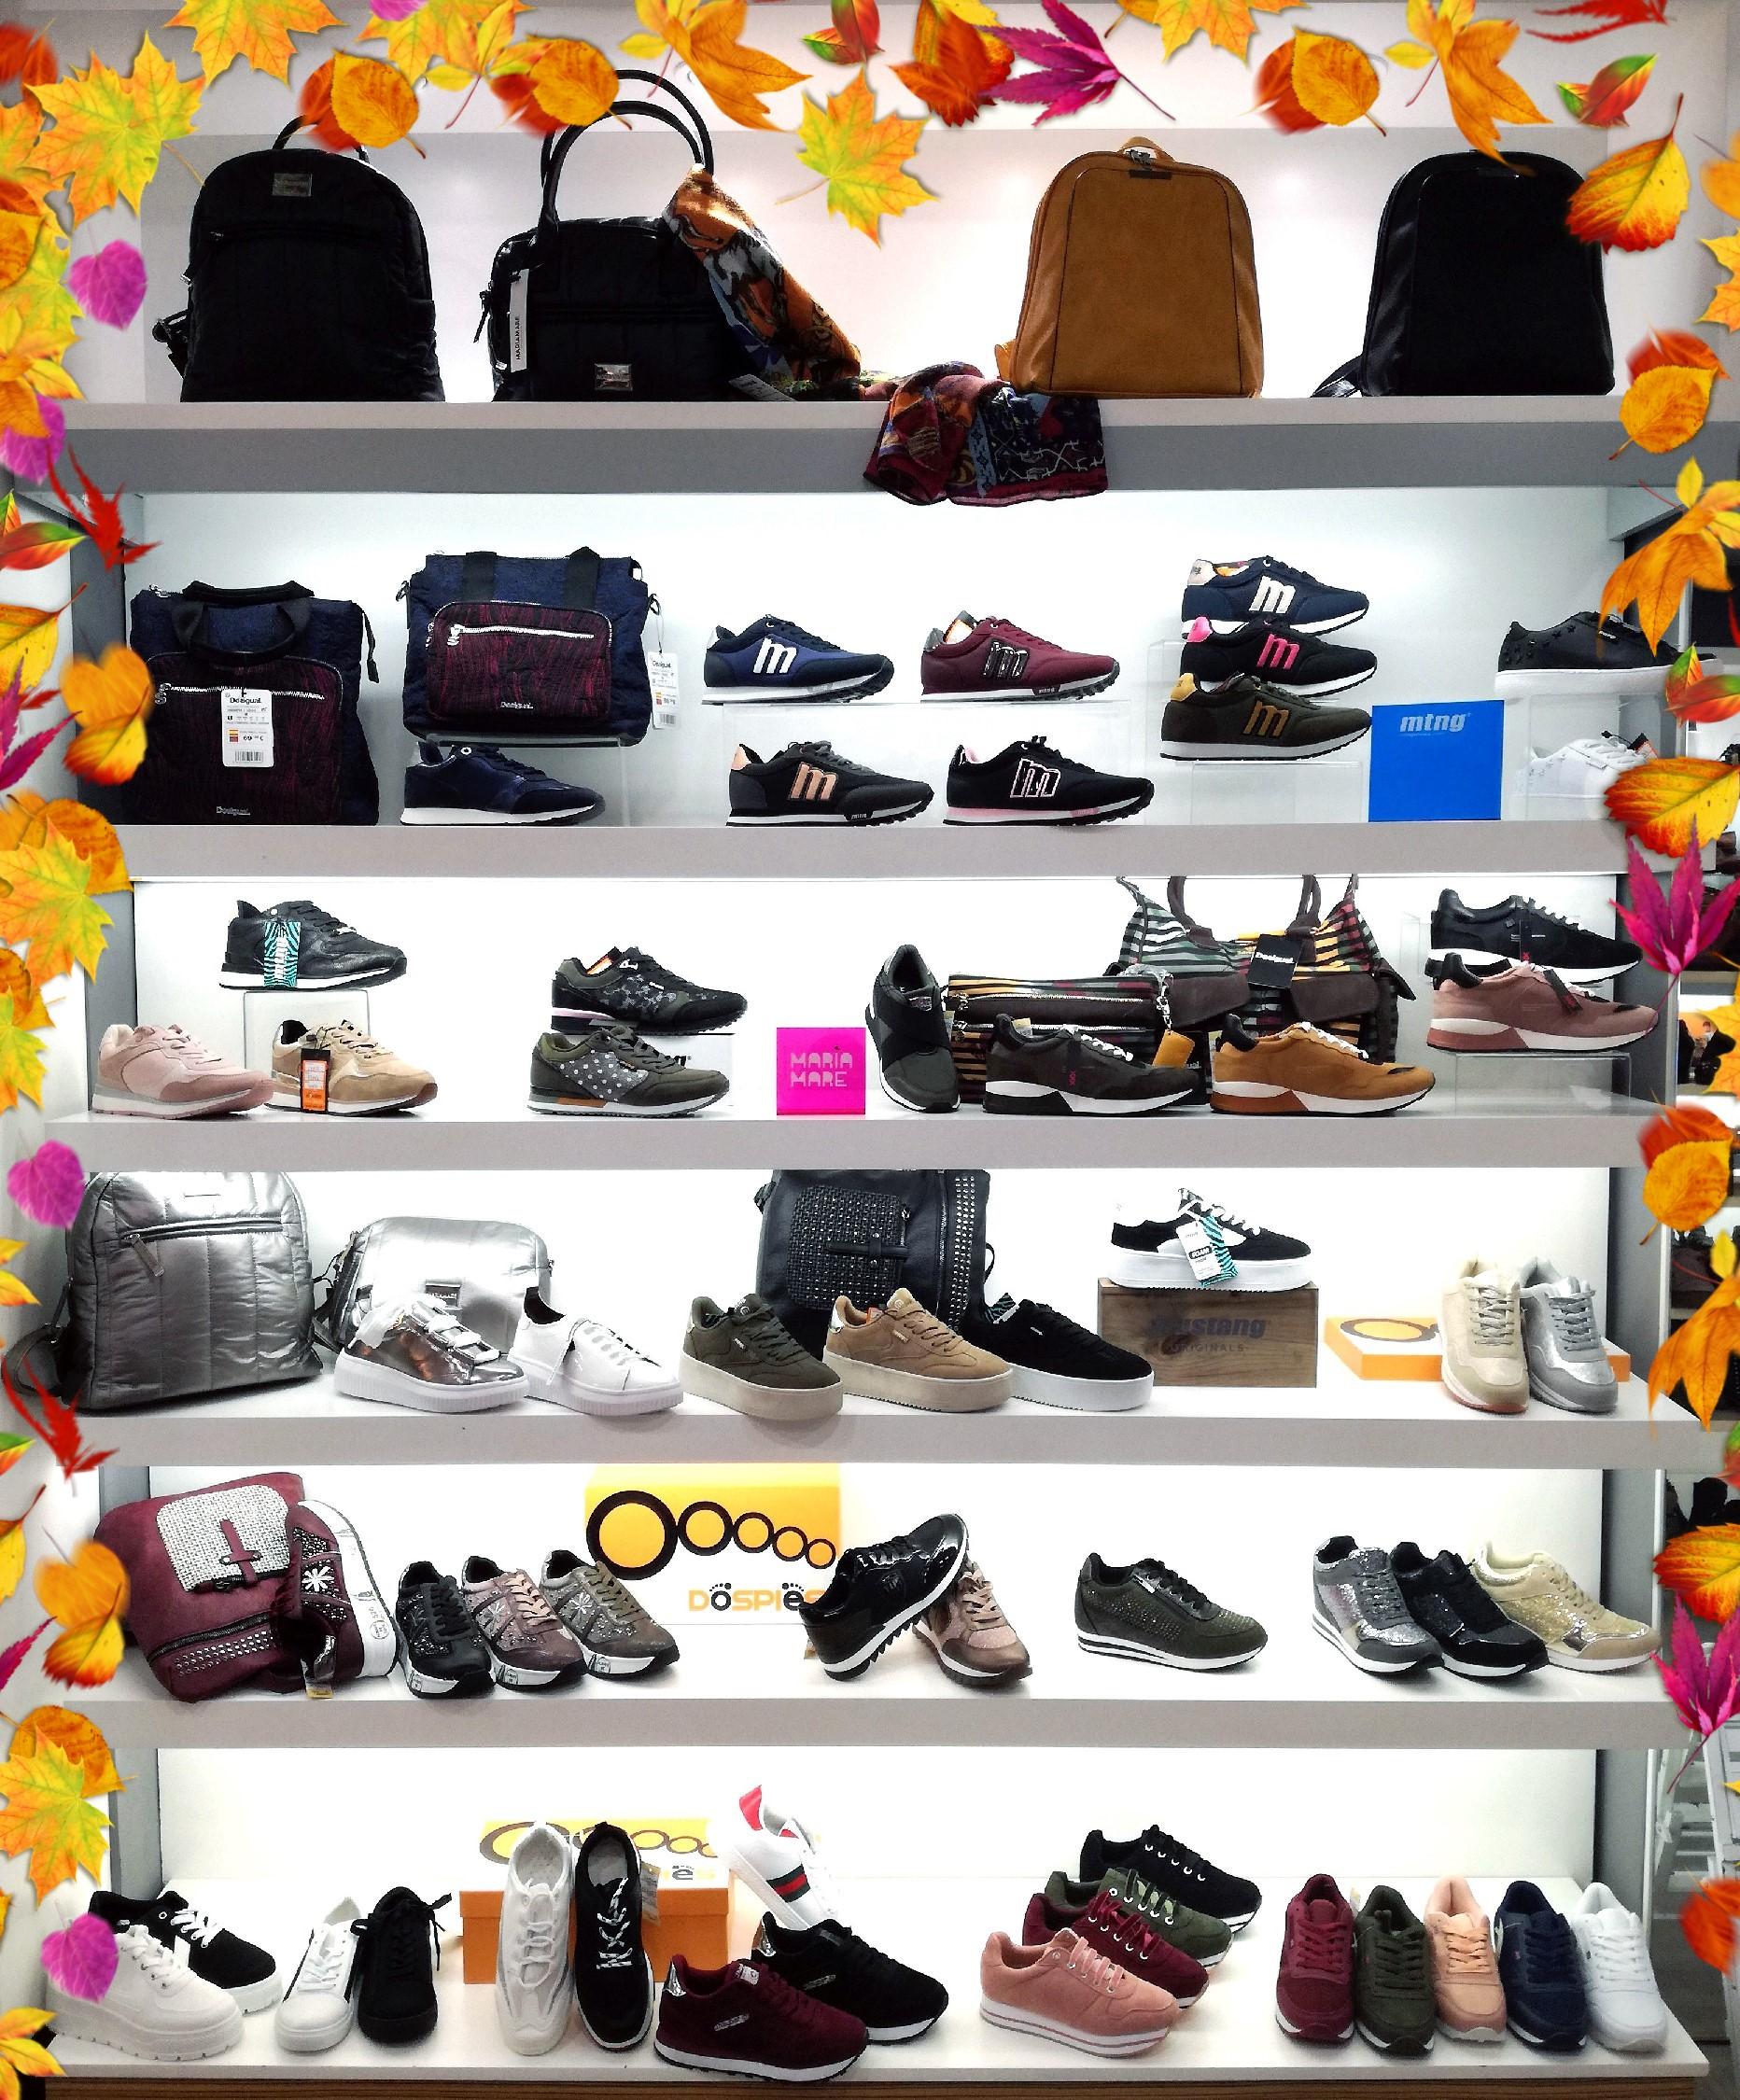 Llega el otoño a Soul of Mancebo y lo recibimos llenando nuestras tiendas de preciosos modelos que ponerse ahora que comienza el frío! 🌬️🌬️ Ven a vernos y disfruta comprando!!